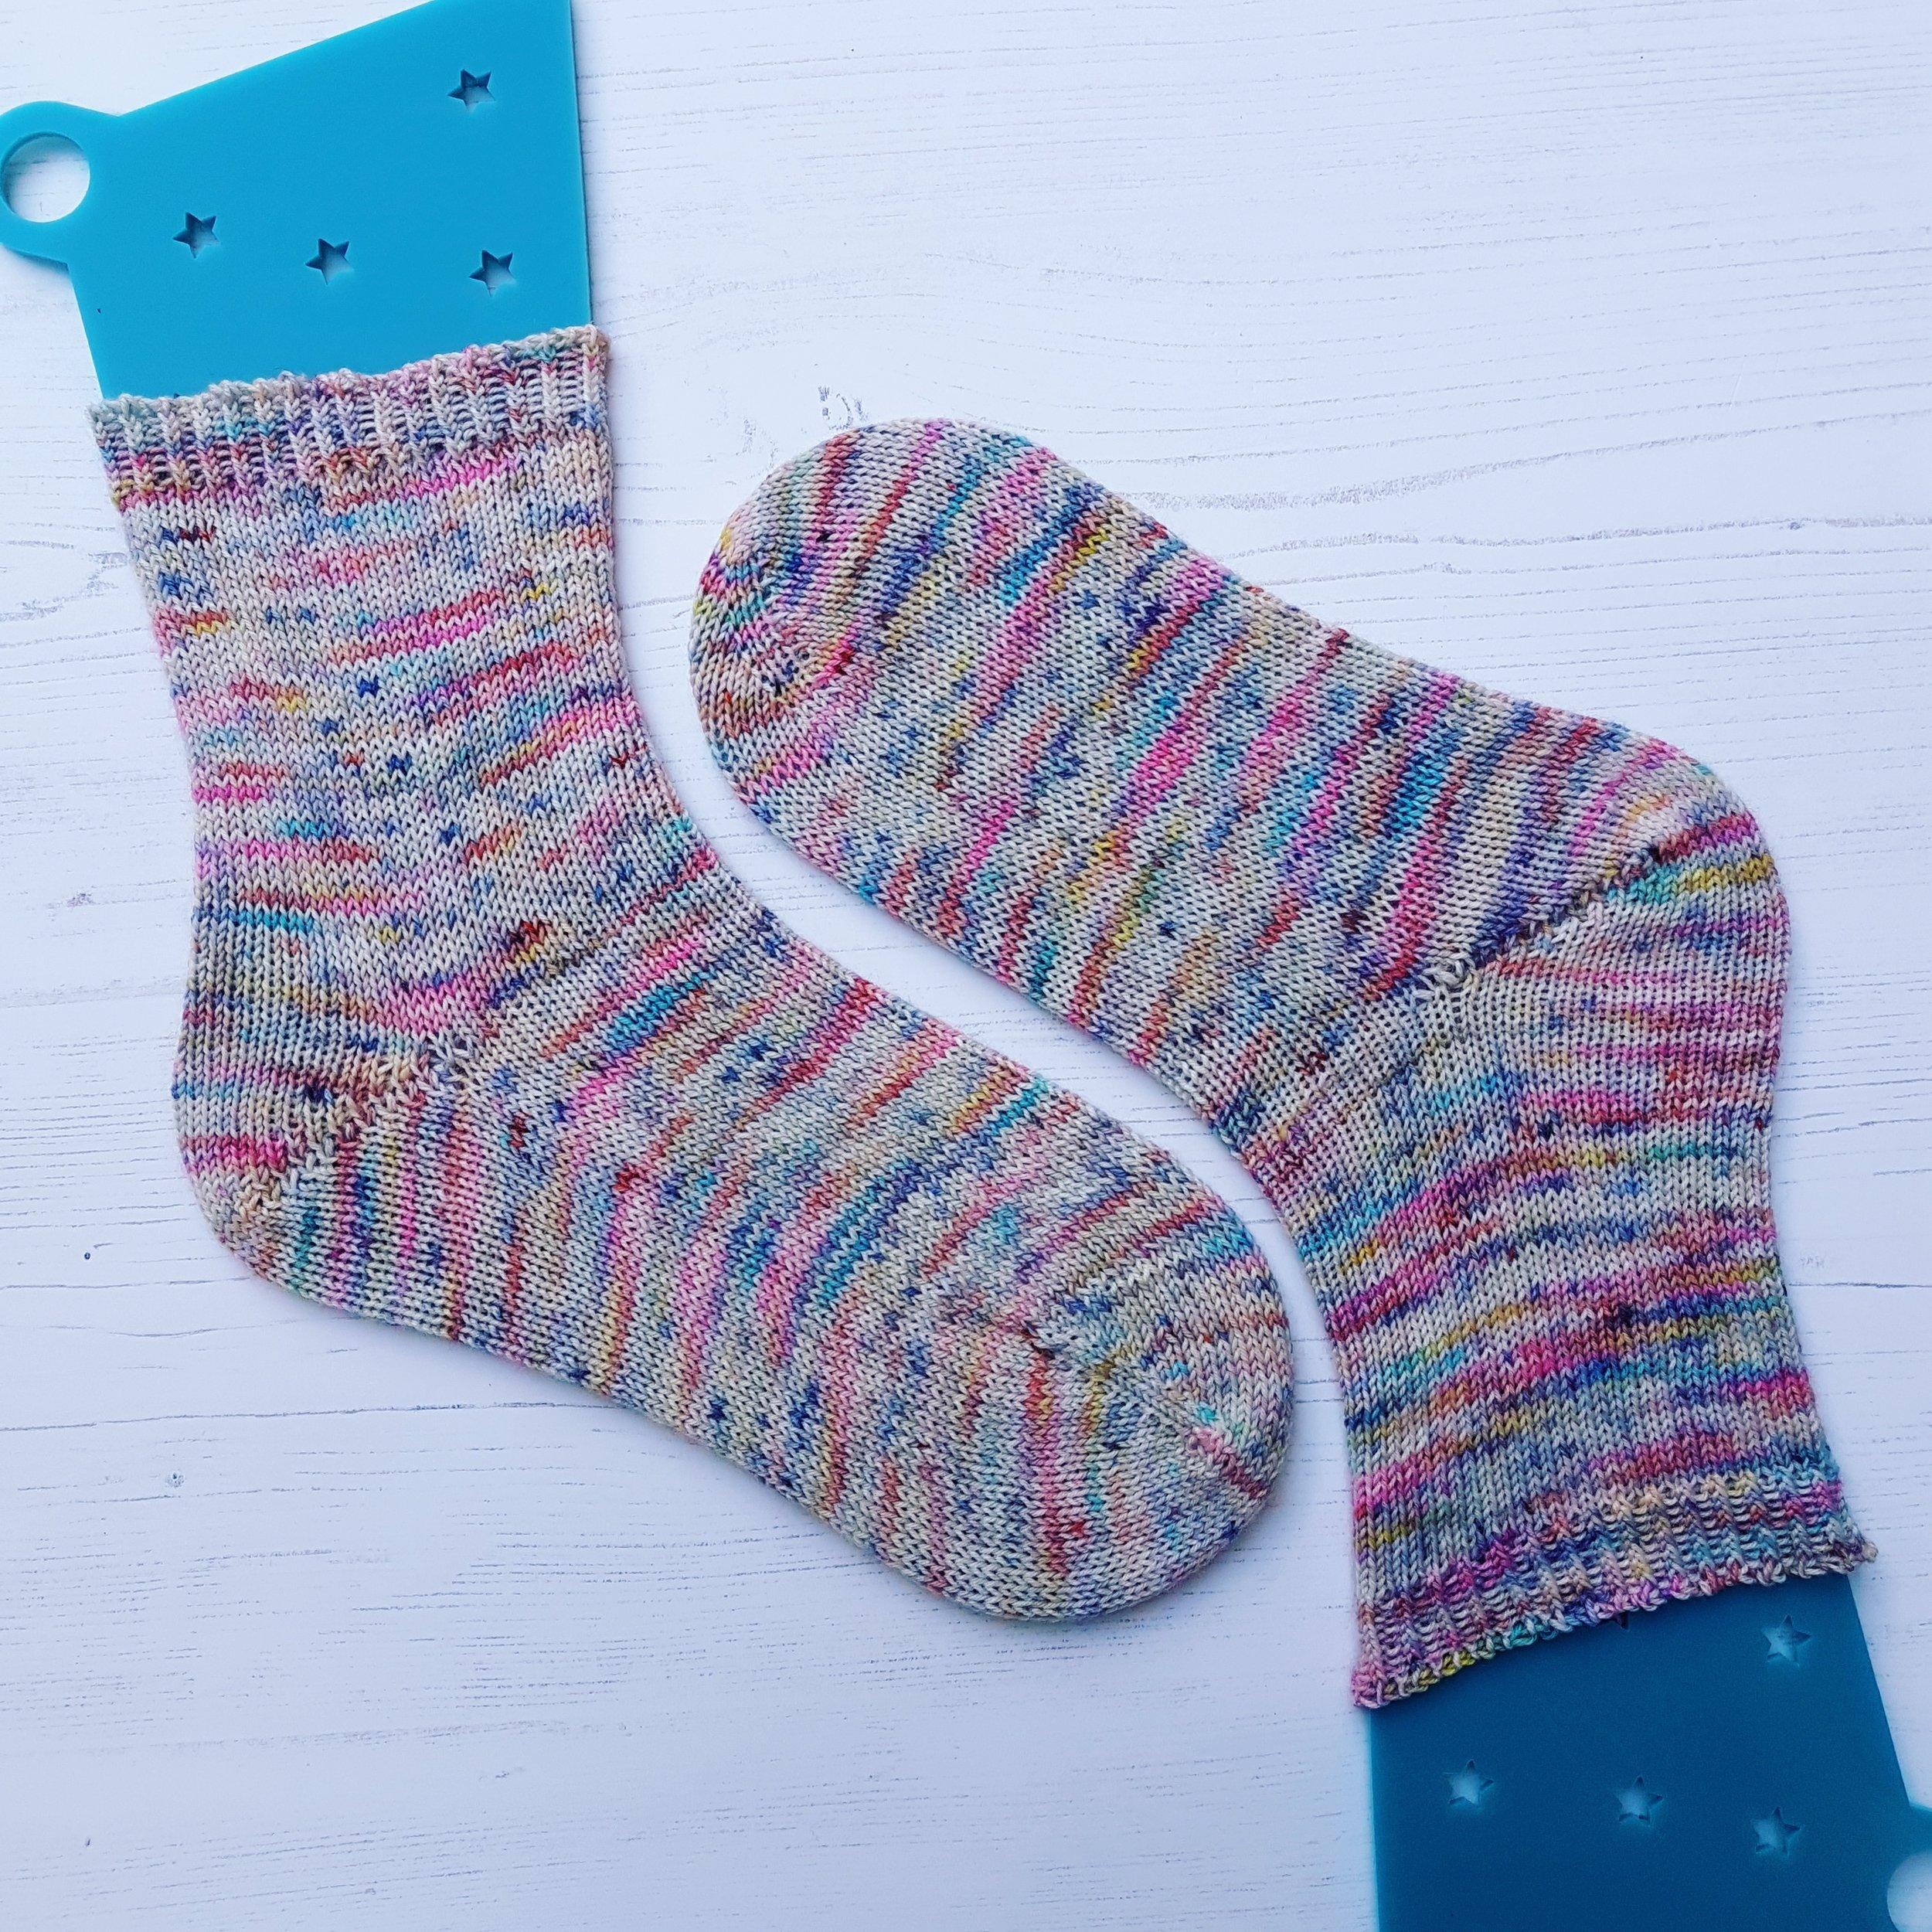 Toe-up socks in yarn from West Green Loft Yarns